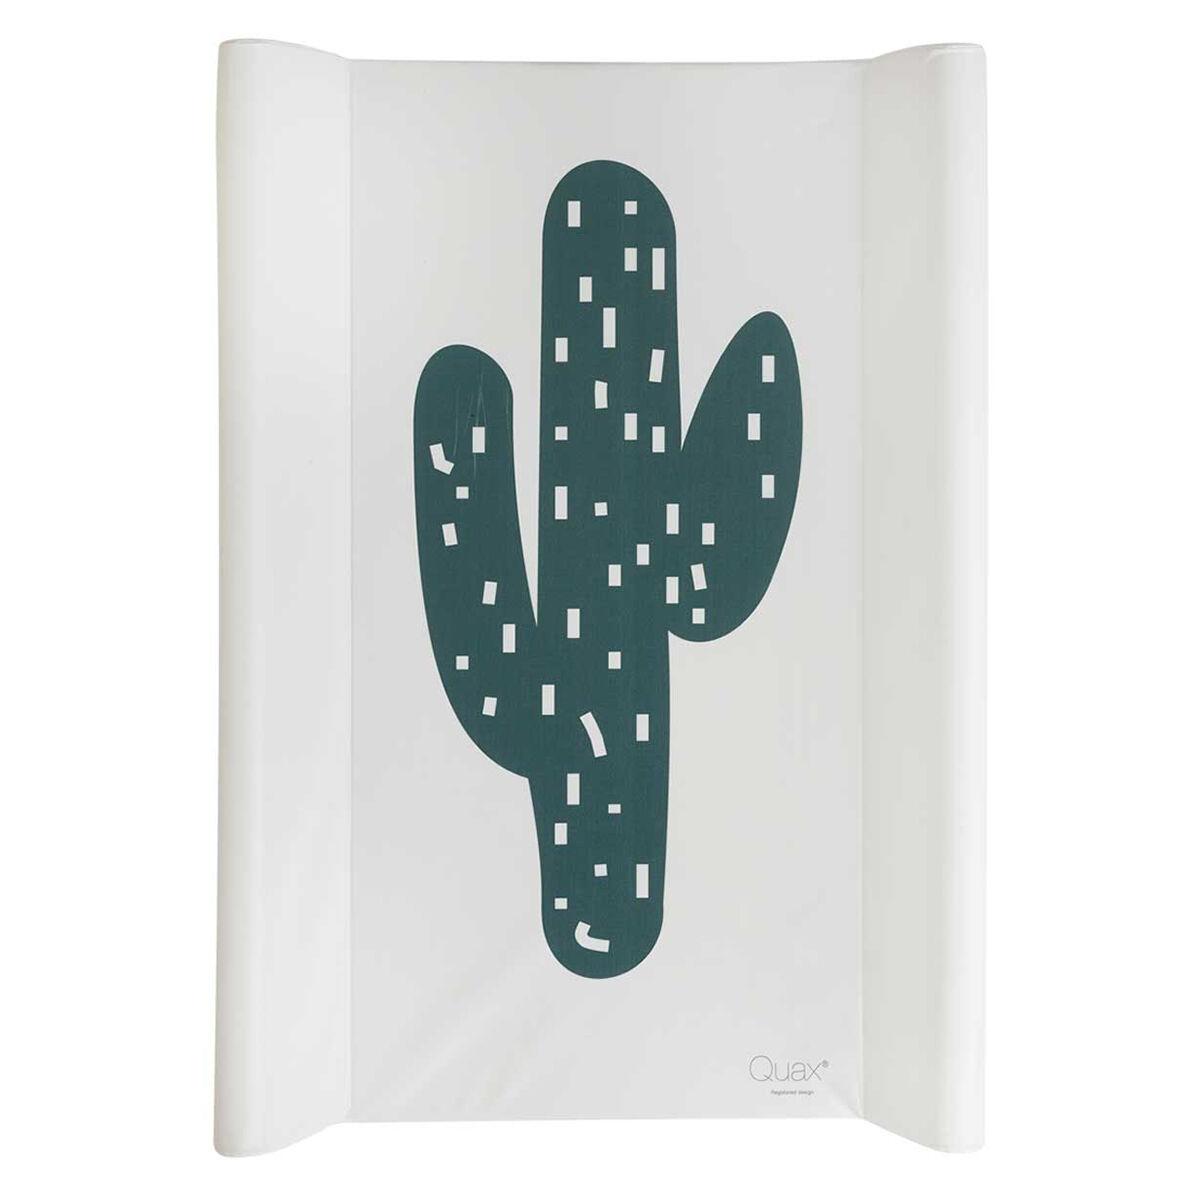 Quax Matelas à Langer - Cactus